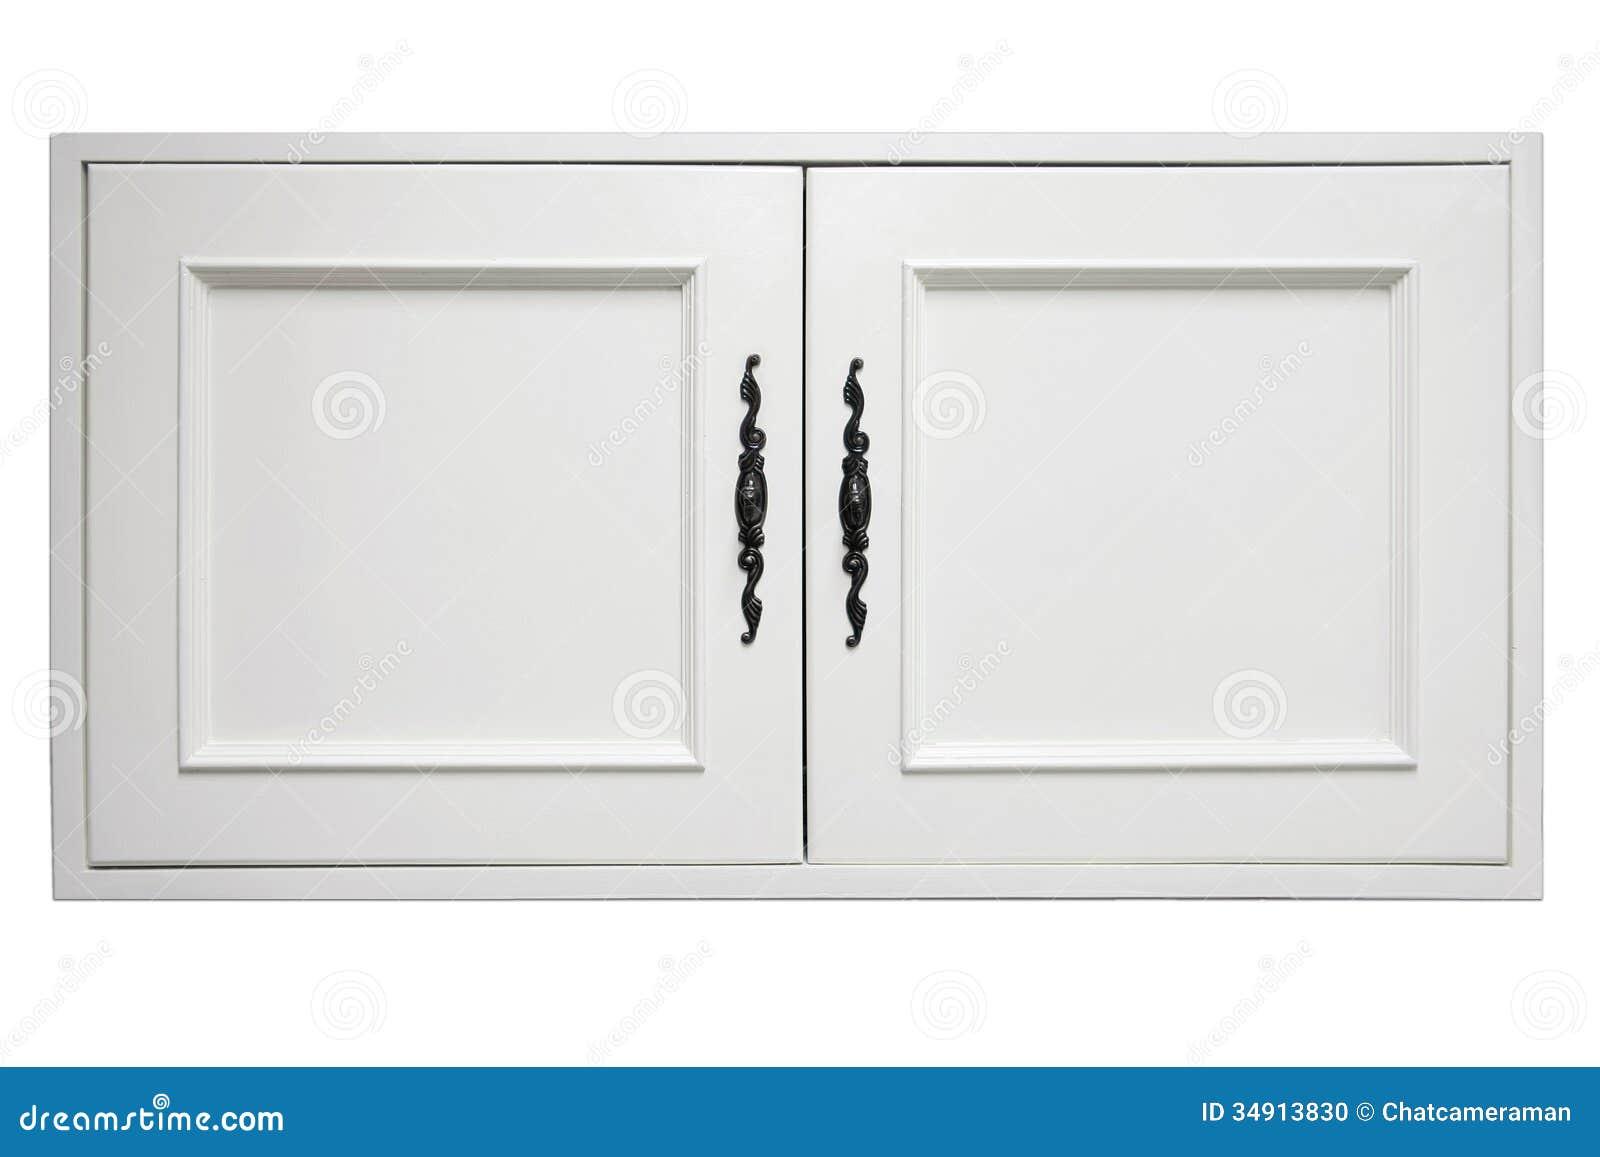 Wooden Door Of Cupboard Stock Photo Image 34913830